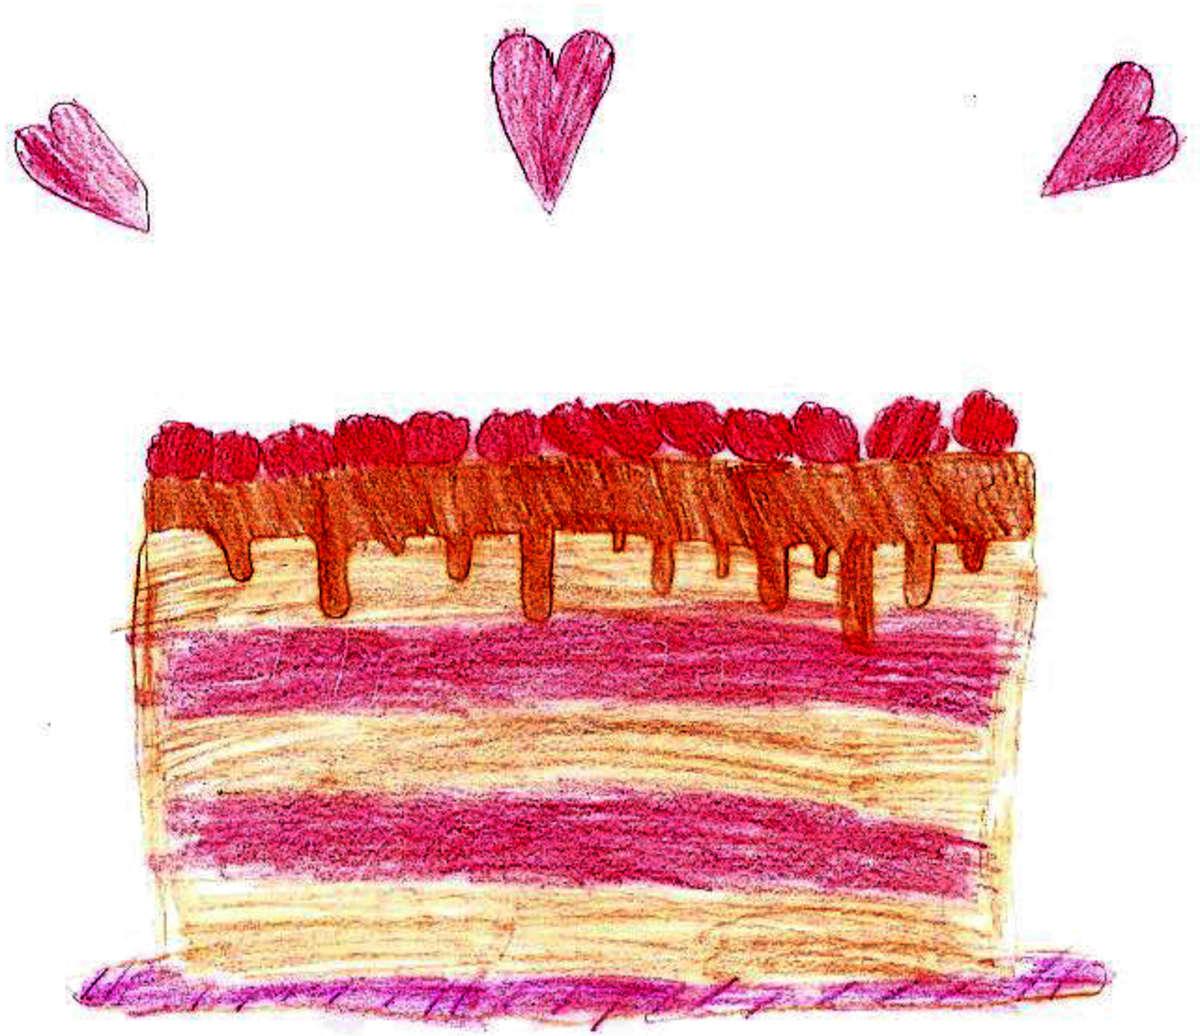 Lapsen piirtämä punainen täytekakku, jonka yläpuolella on kolme sydäntä.